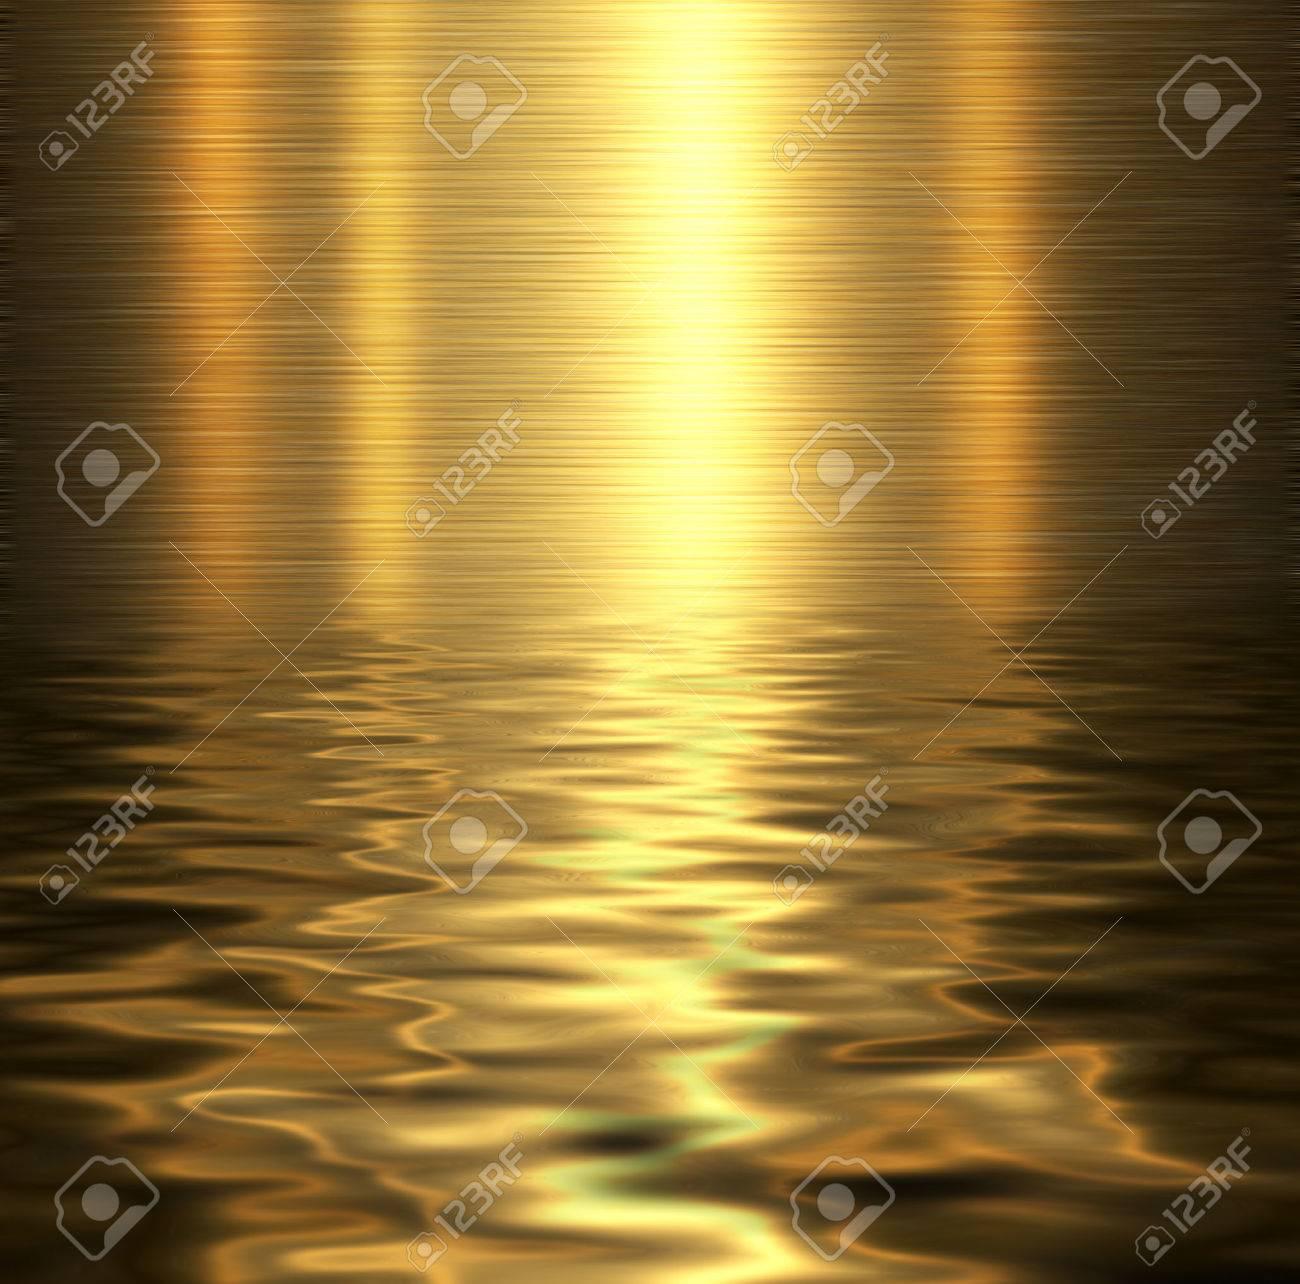 Liquid metal texture, metallic background. - 54925683